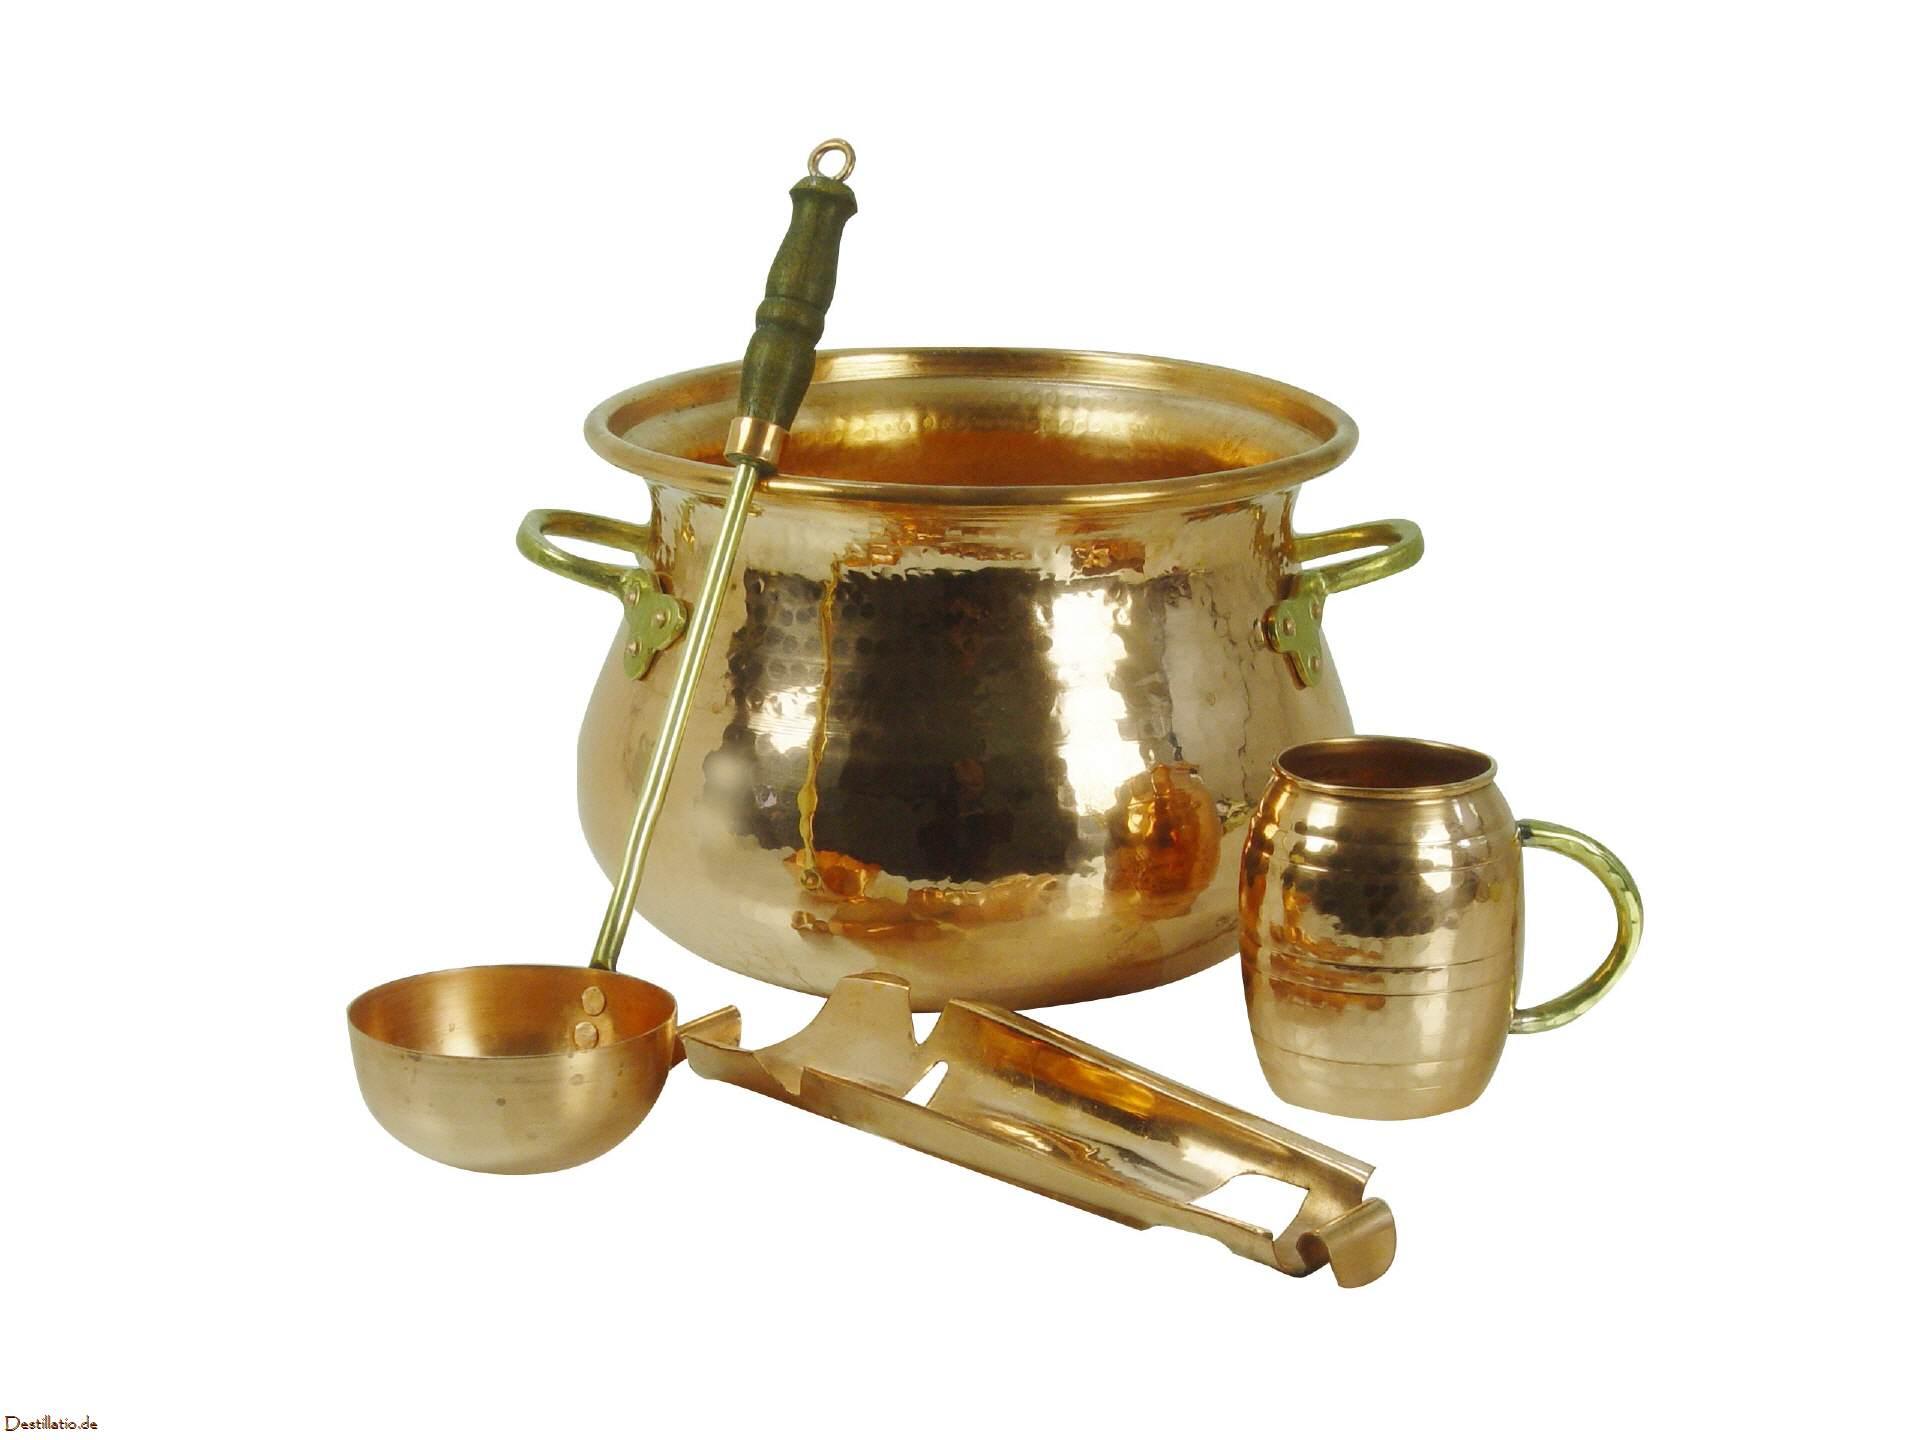 CopperGarden SET: Feuerzangenbowle Kupfer [301.101] - €229